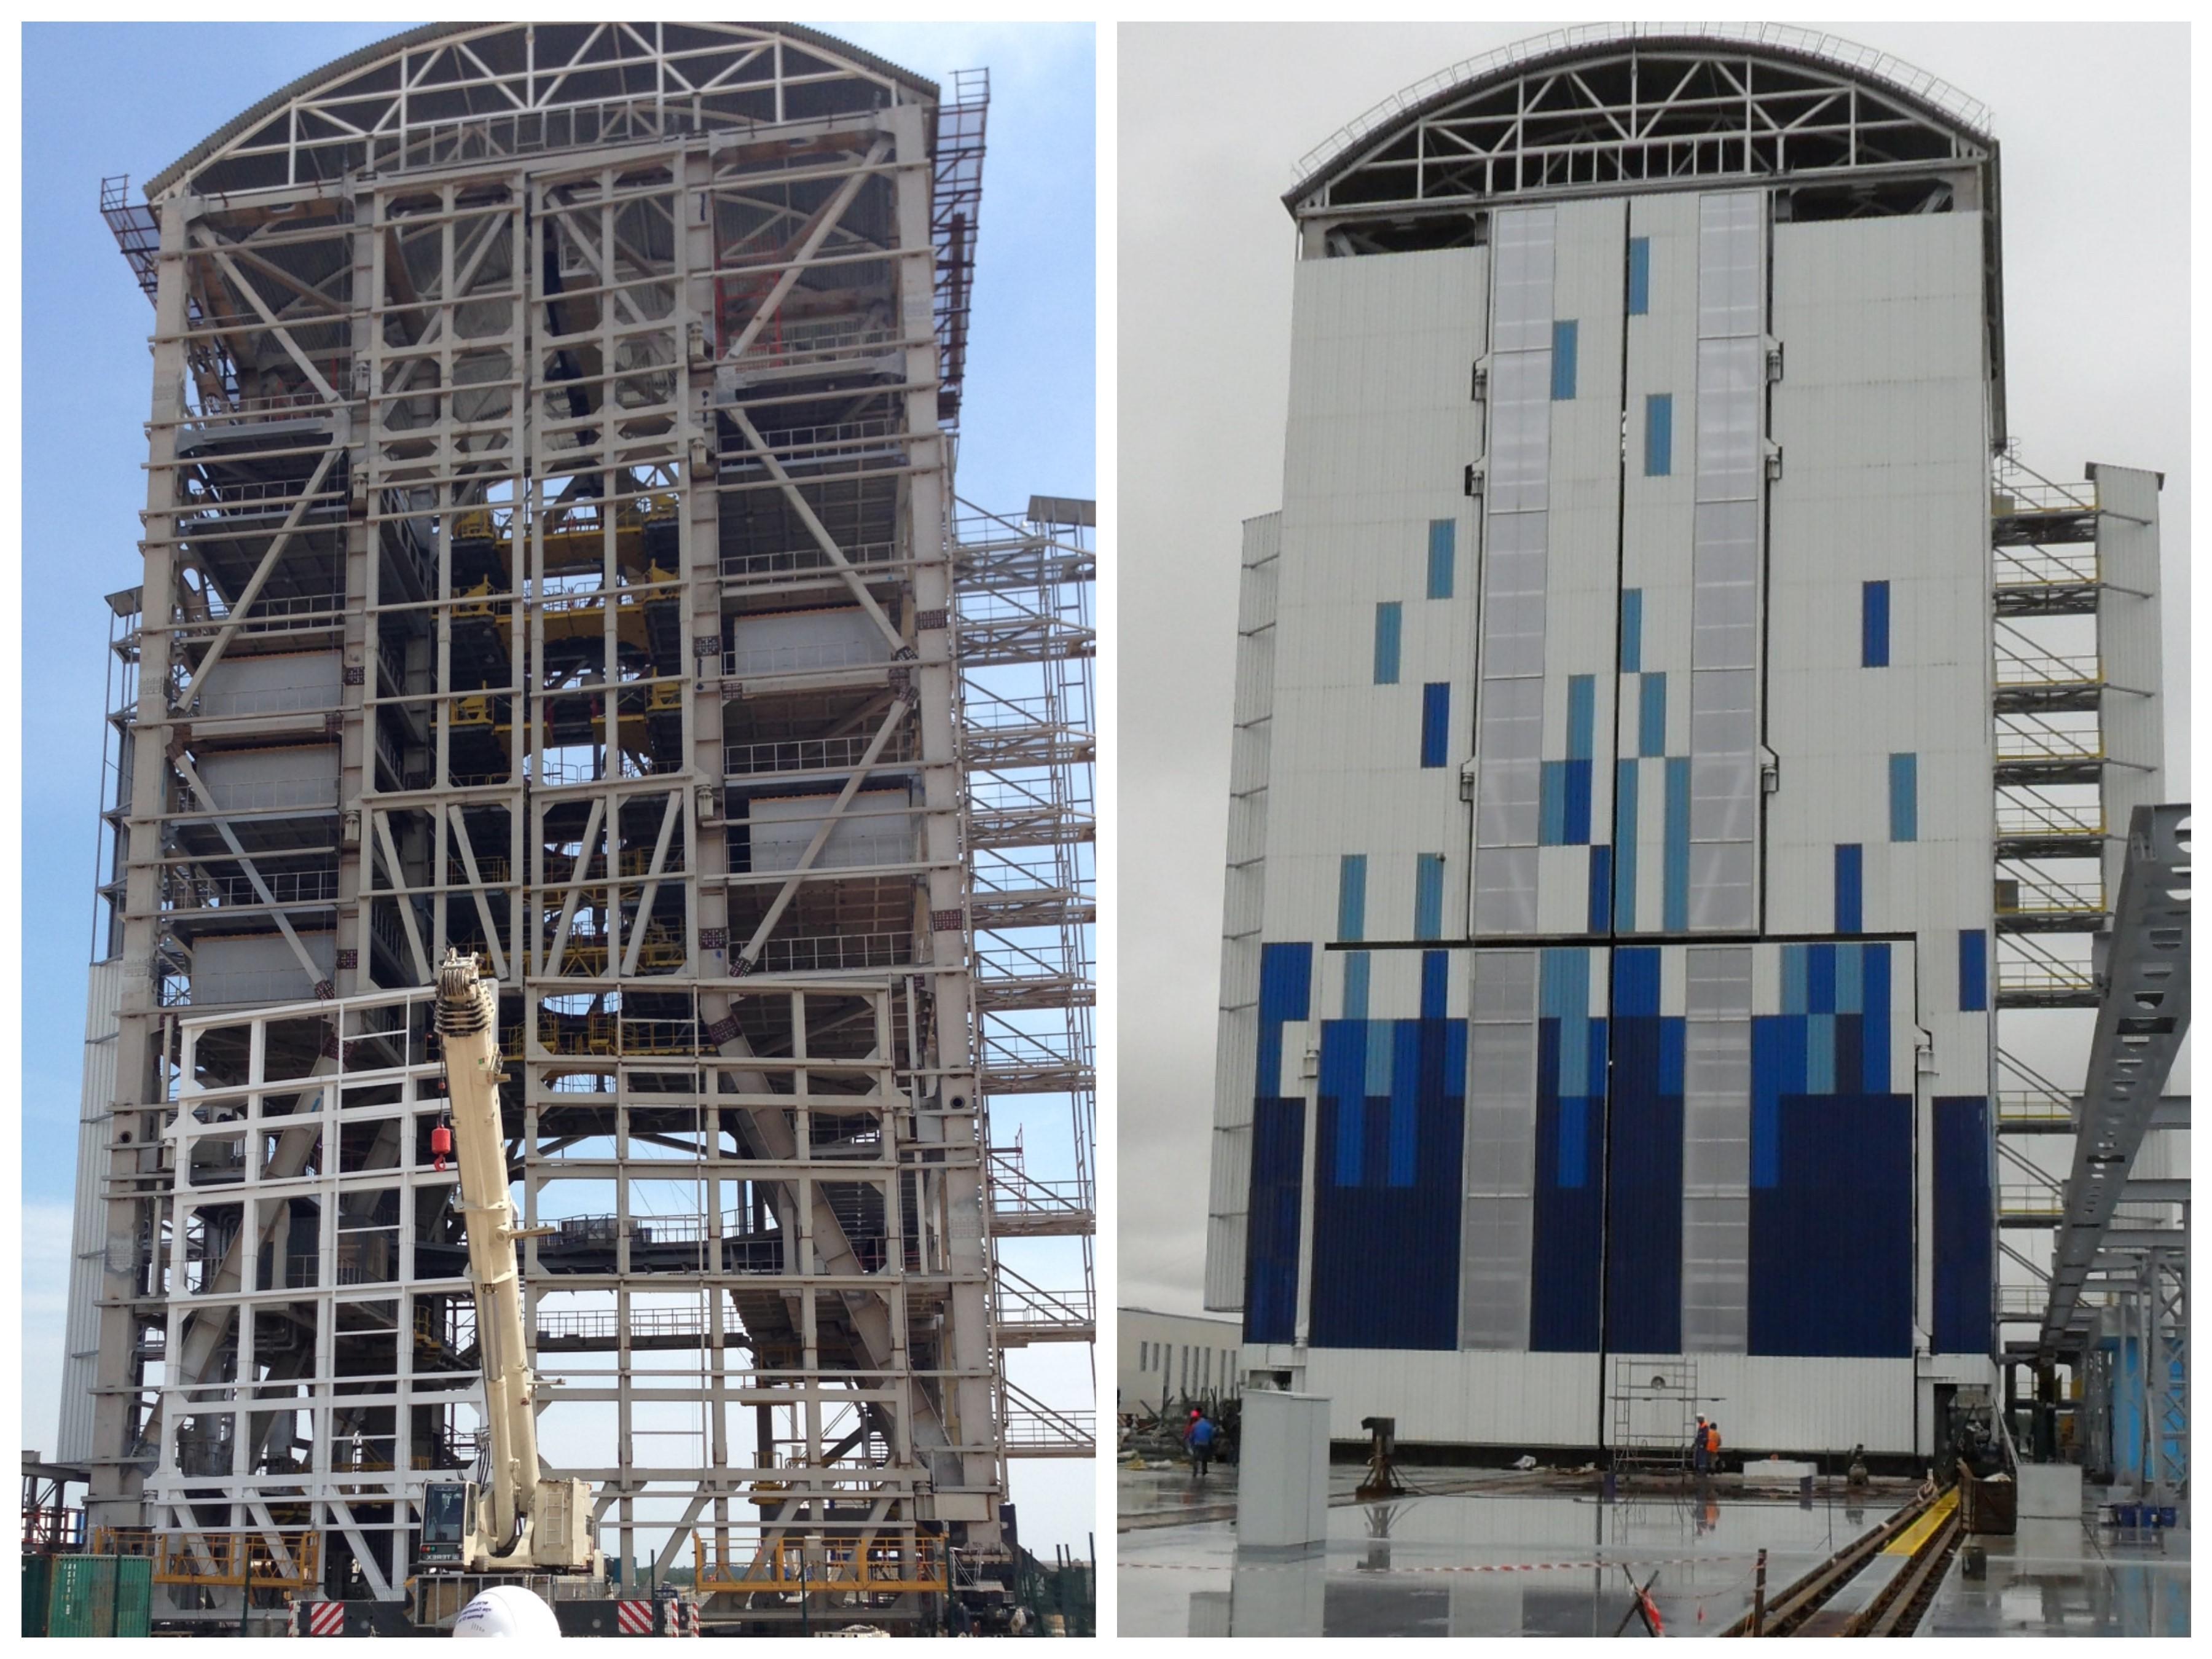 Стартовая площадка. Мобильная башня обслуживания. Высота – 52 м. Вес 1600 т. Слева июль 2015 г. Справа Сентябрь 2015 г.